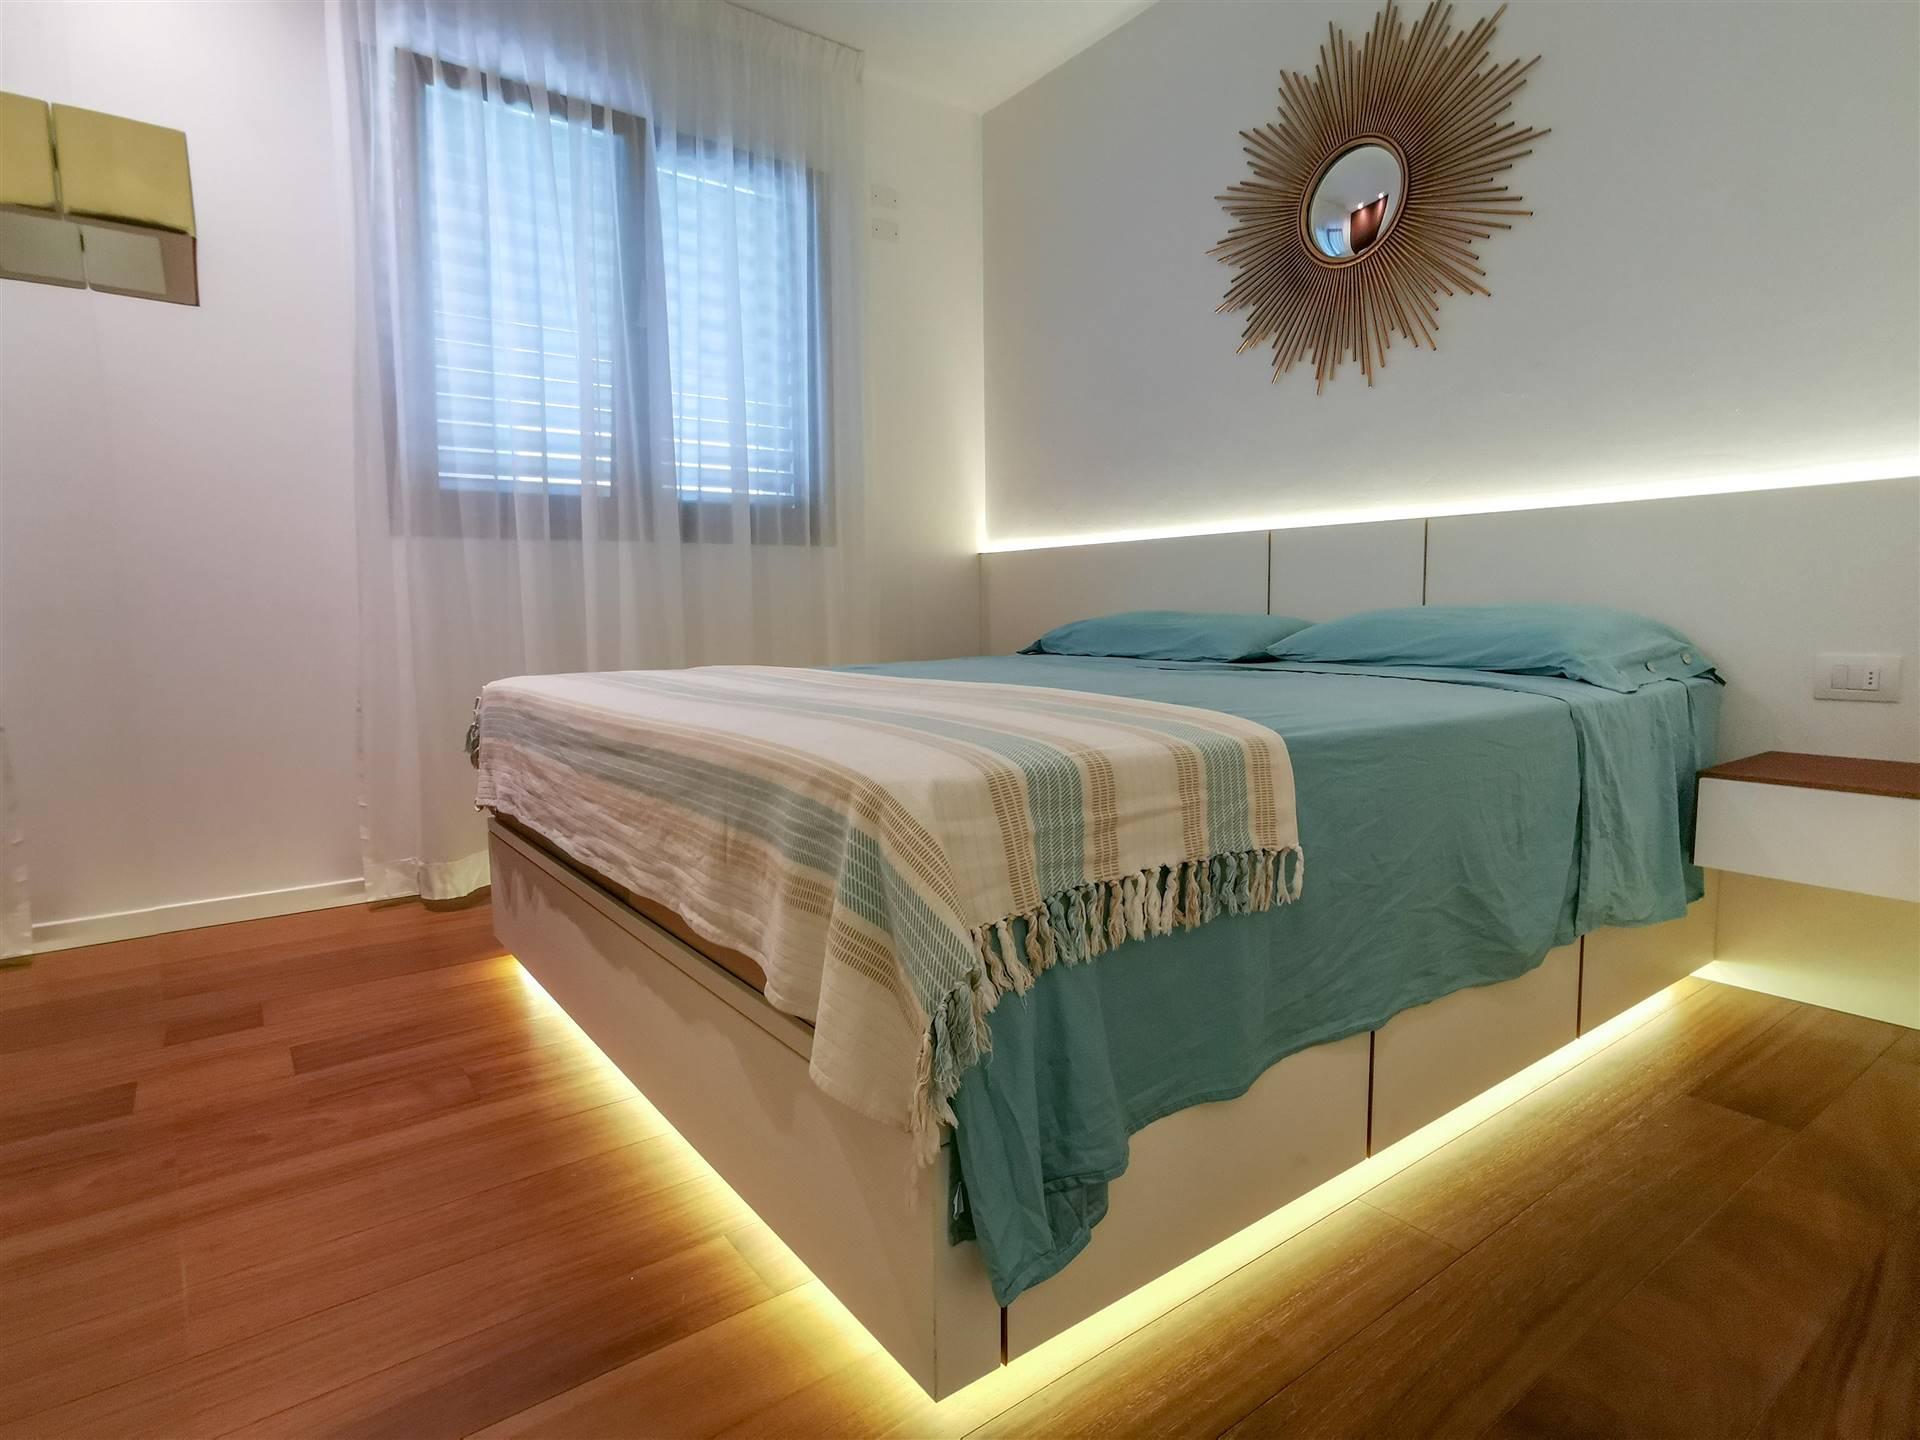 JESOLO Appartamento con due camere signorile con domotica Foto 8